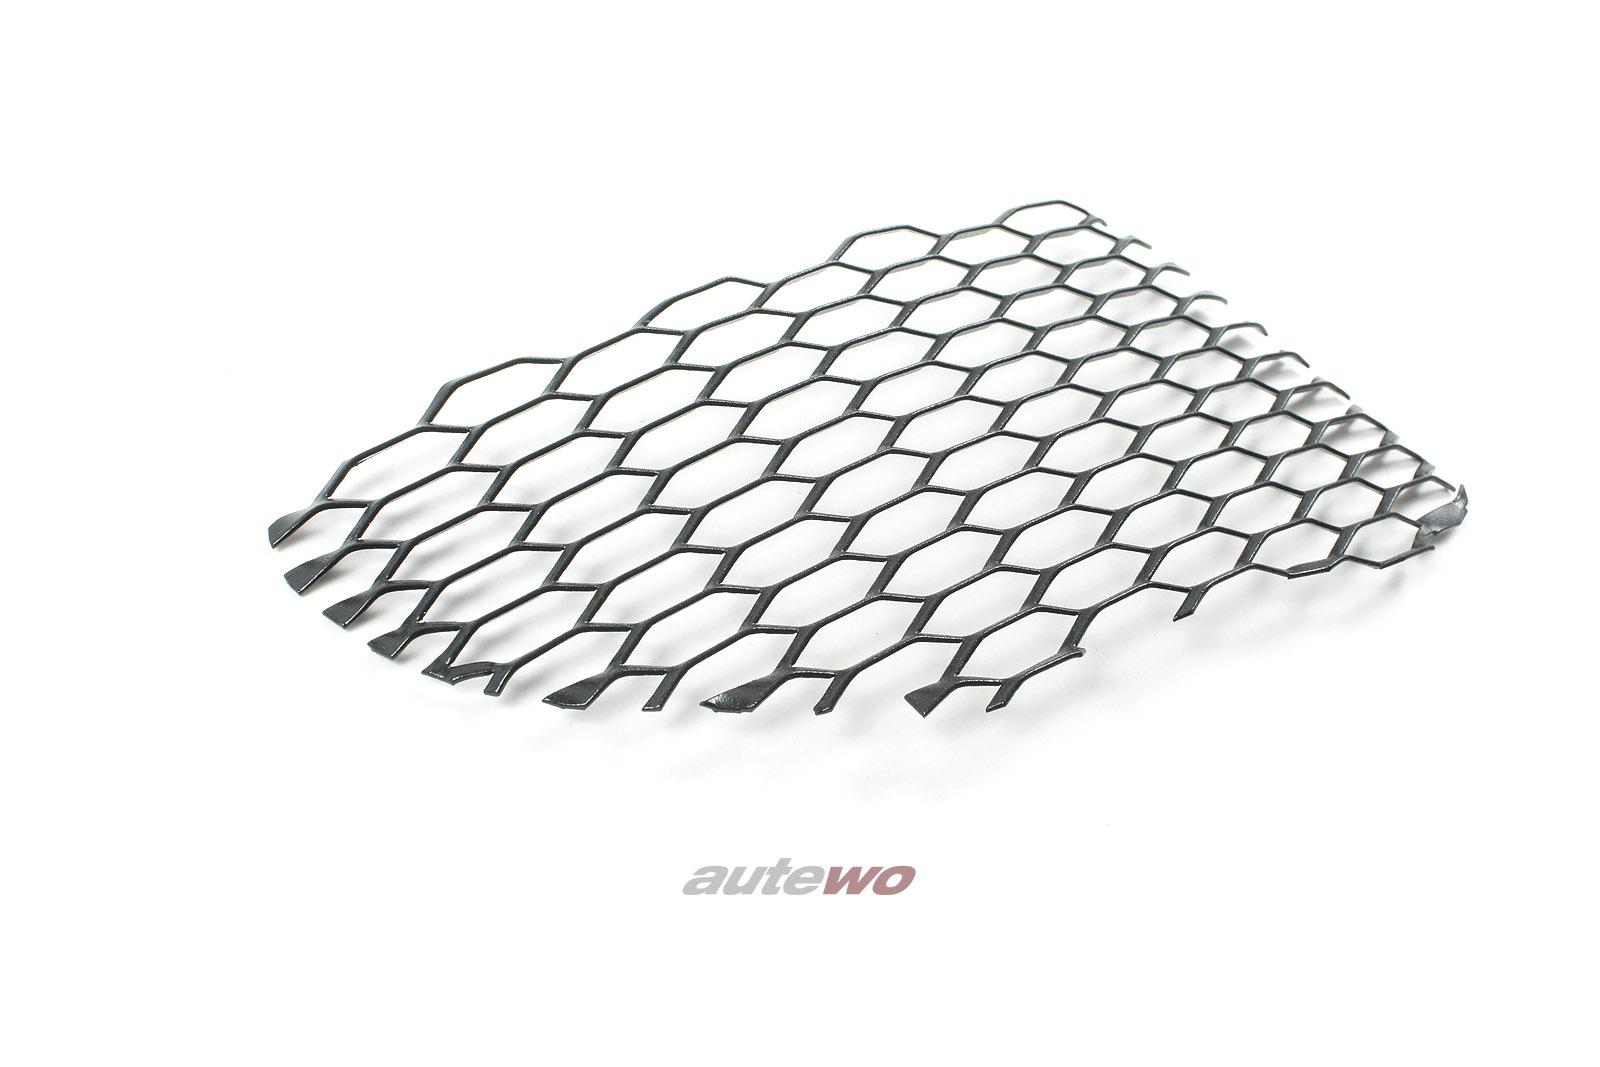 8A0807682 NEU Audi RS2 Luftführungsgitter Stoßstange Rechts